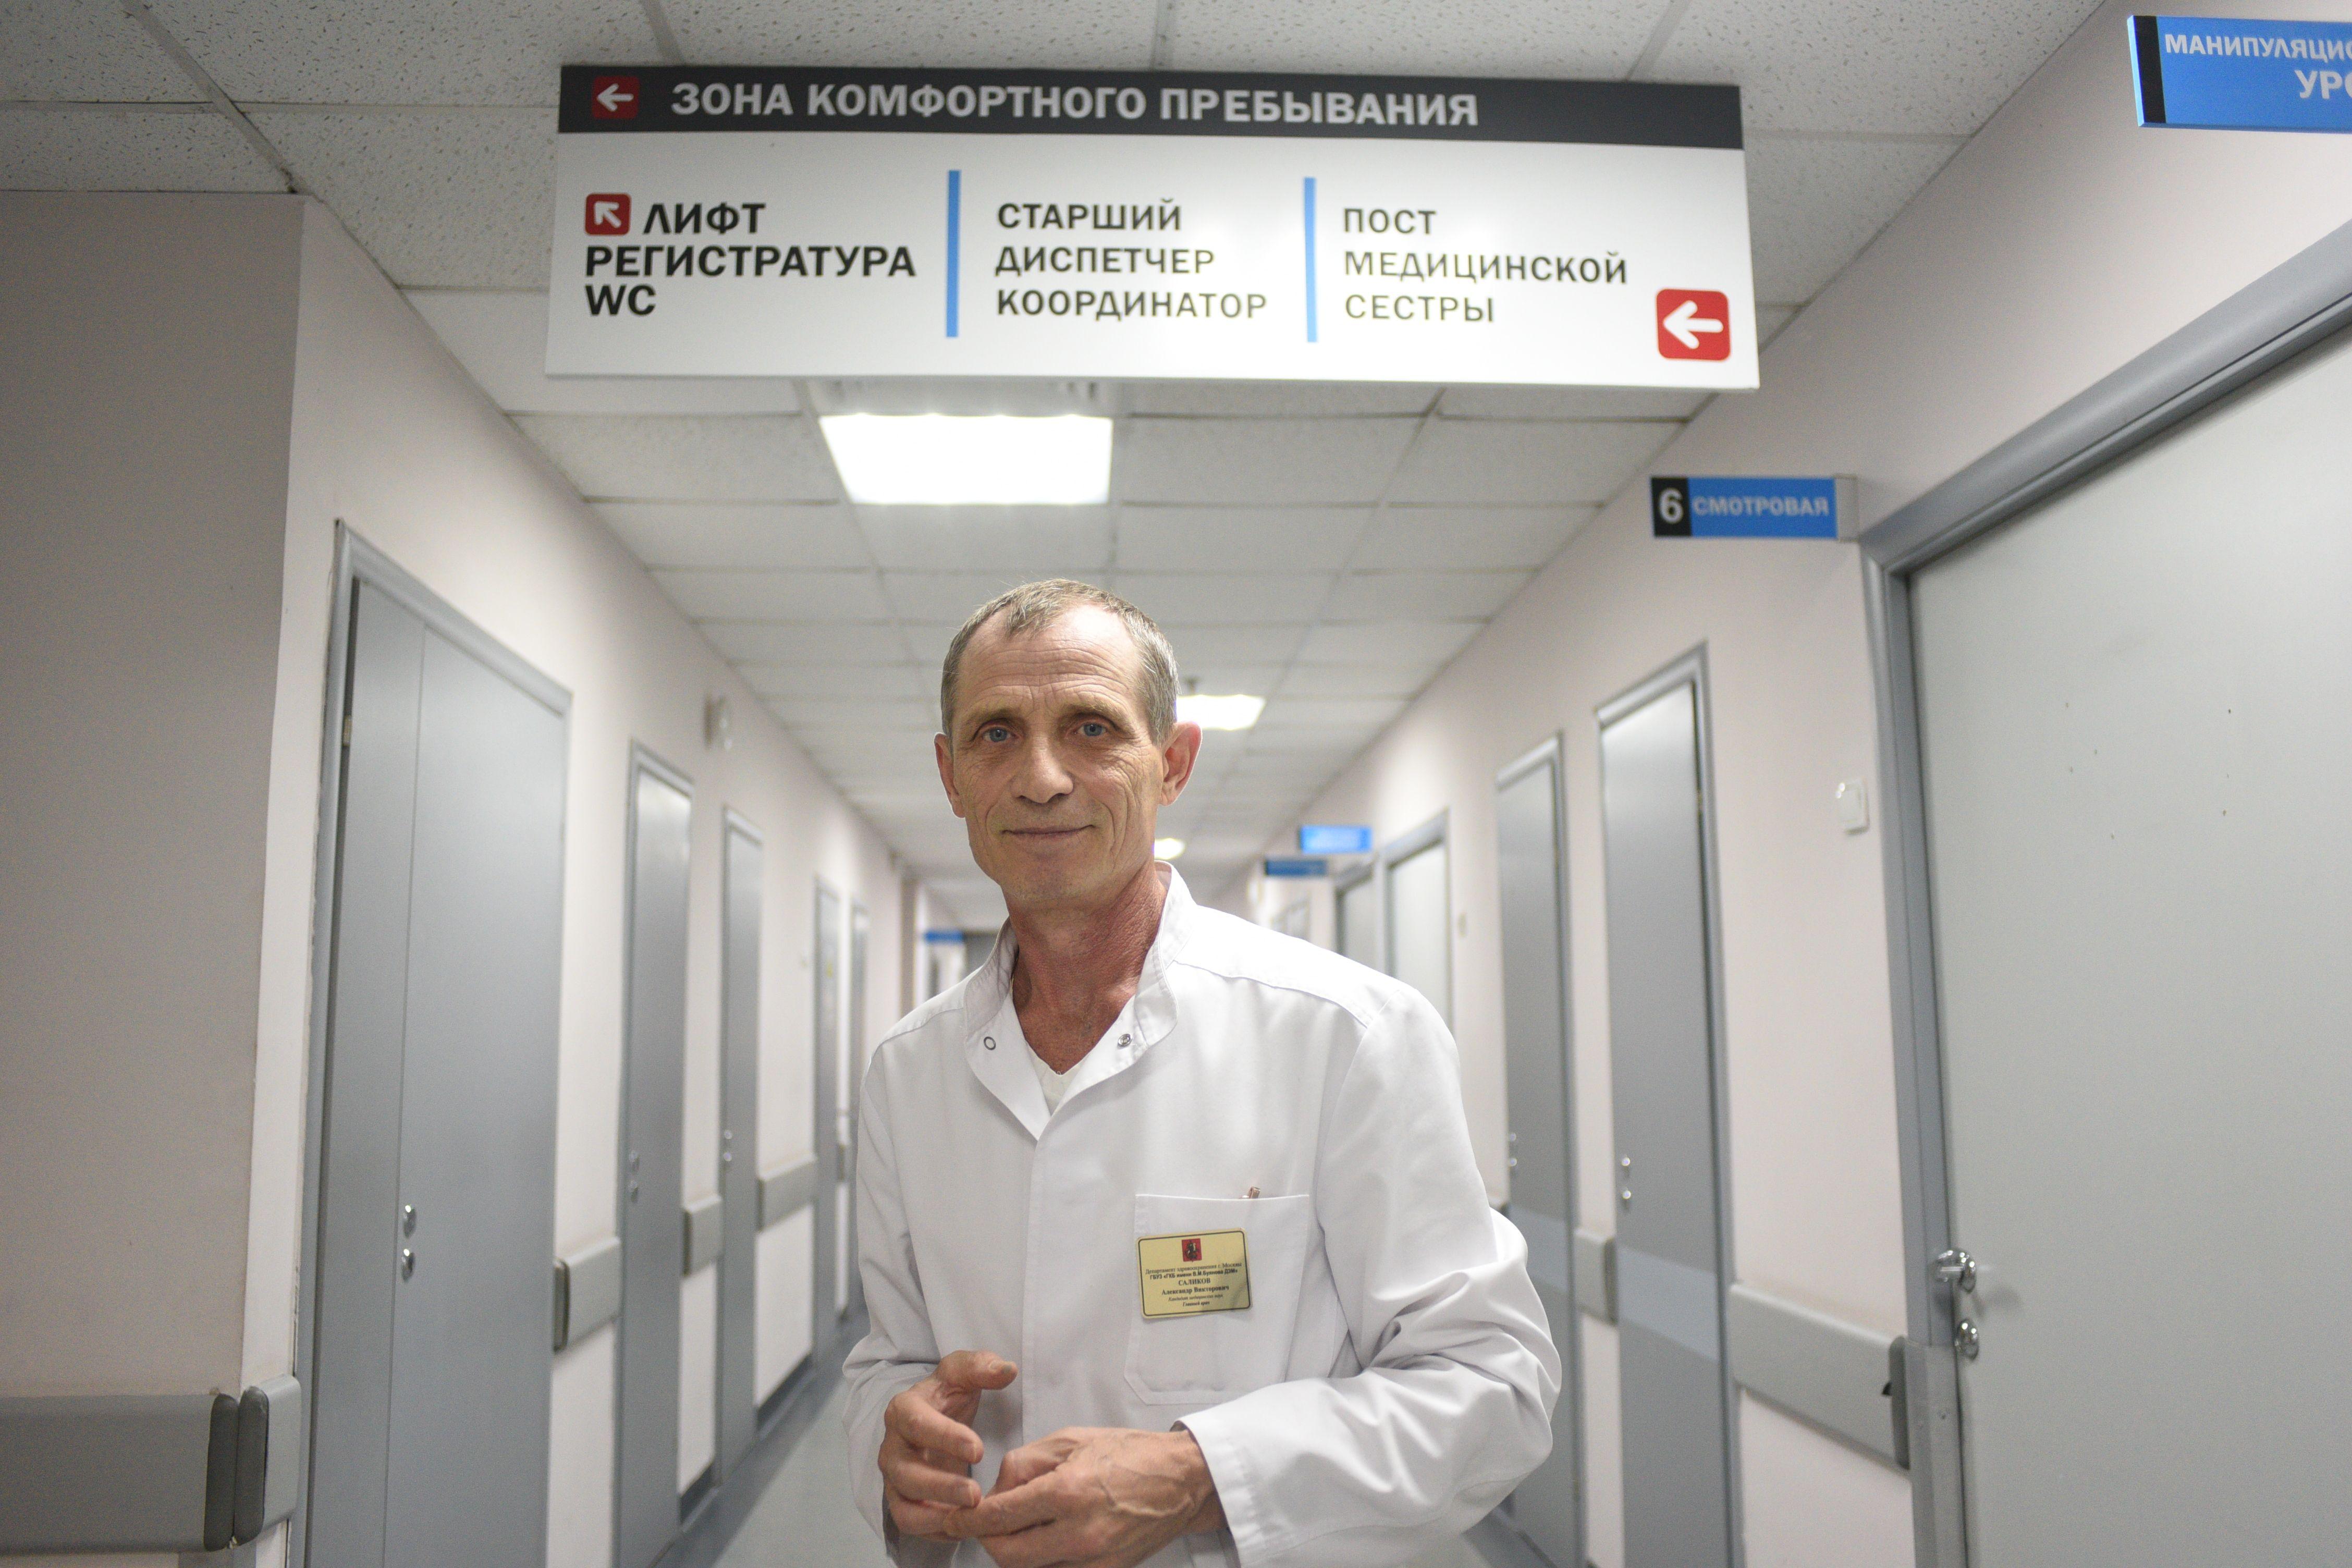 На фото главный врач Городской клинической больницы имени Буянова Александр Викторович Саликов. Фото: Пелагия Замятина